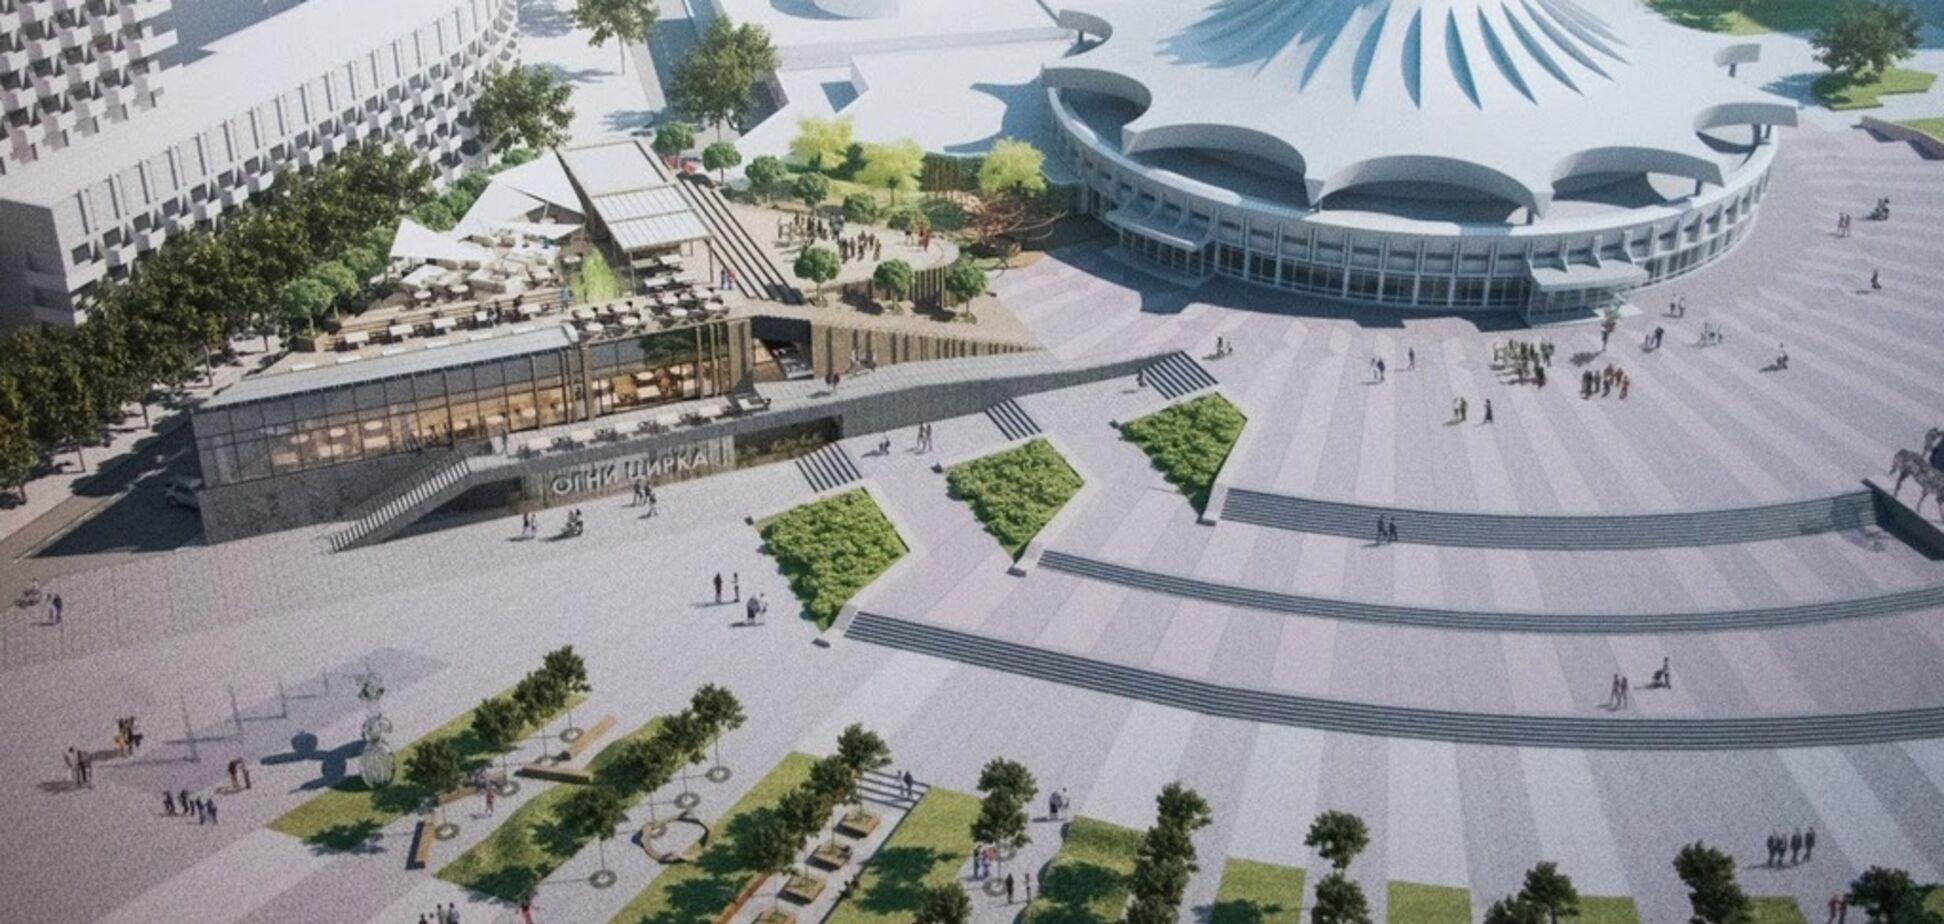 100 участников и новое содержание публичных пространств: в Днепре начался первый архитектурный фестиваль 'Города Украины'